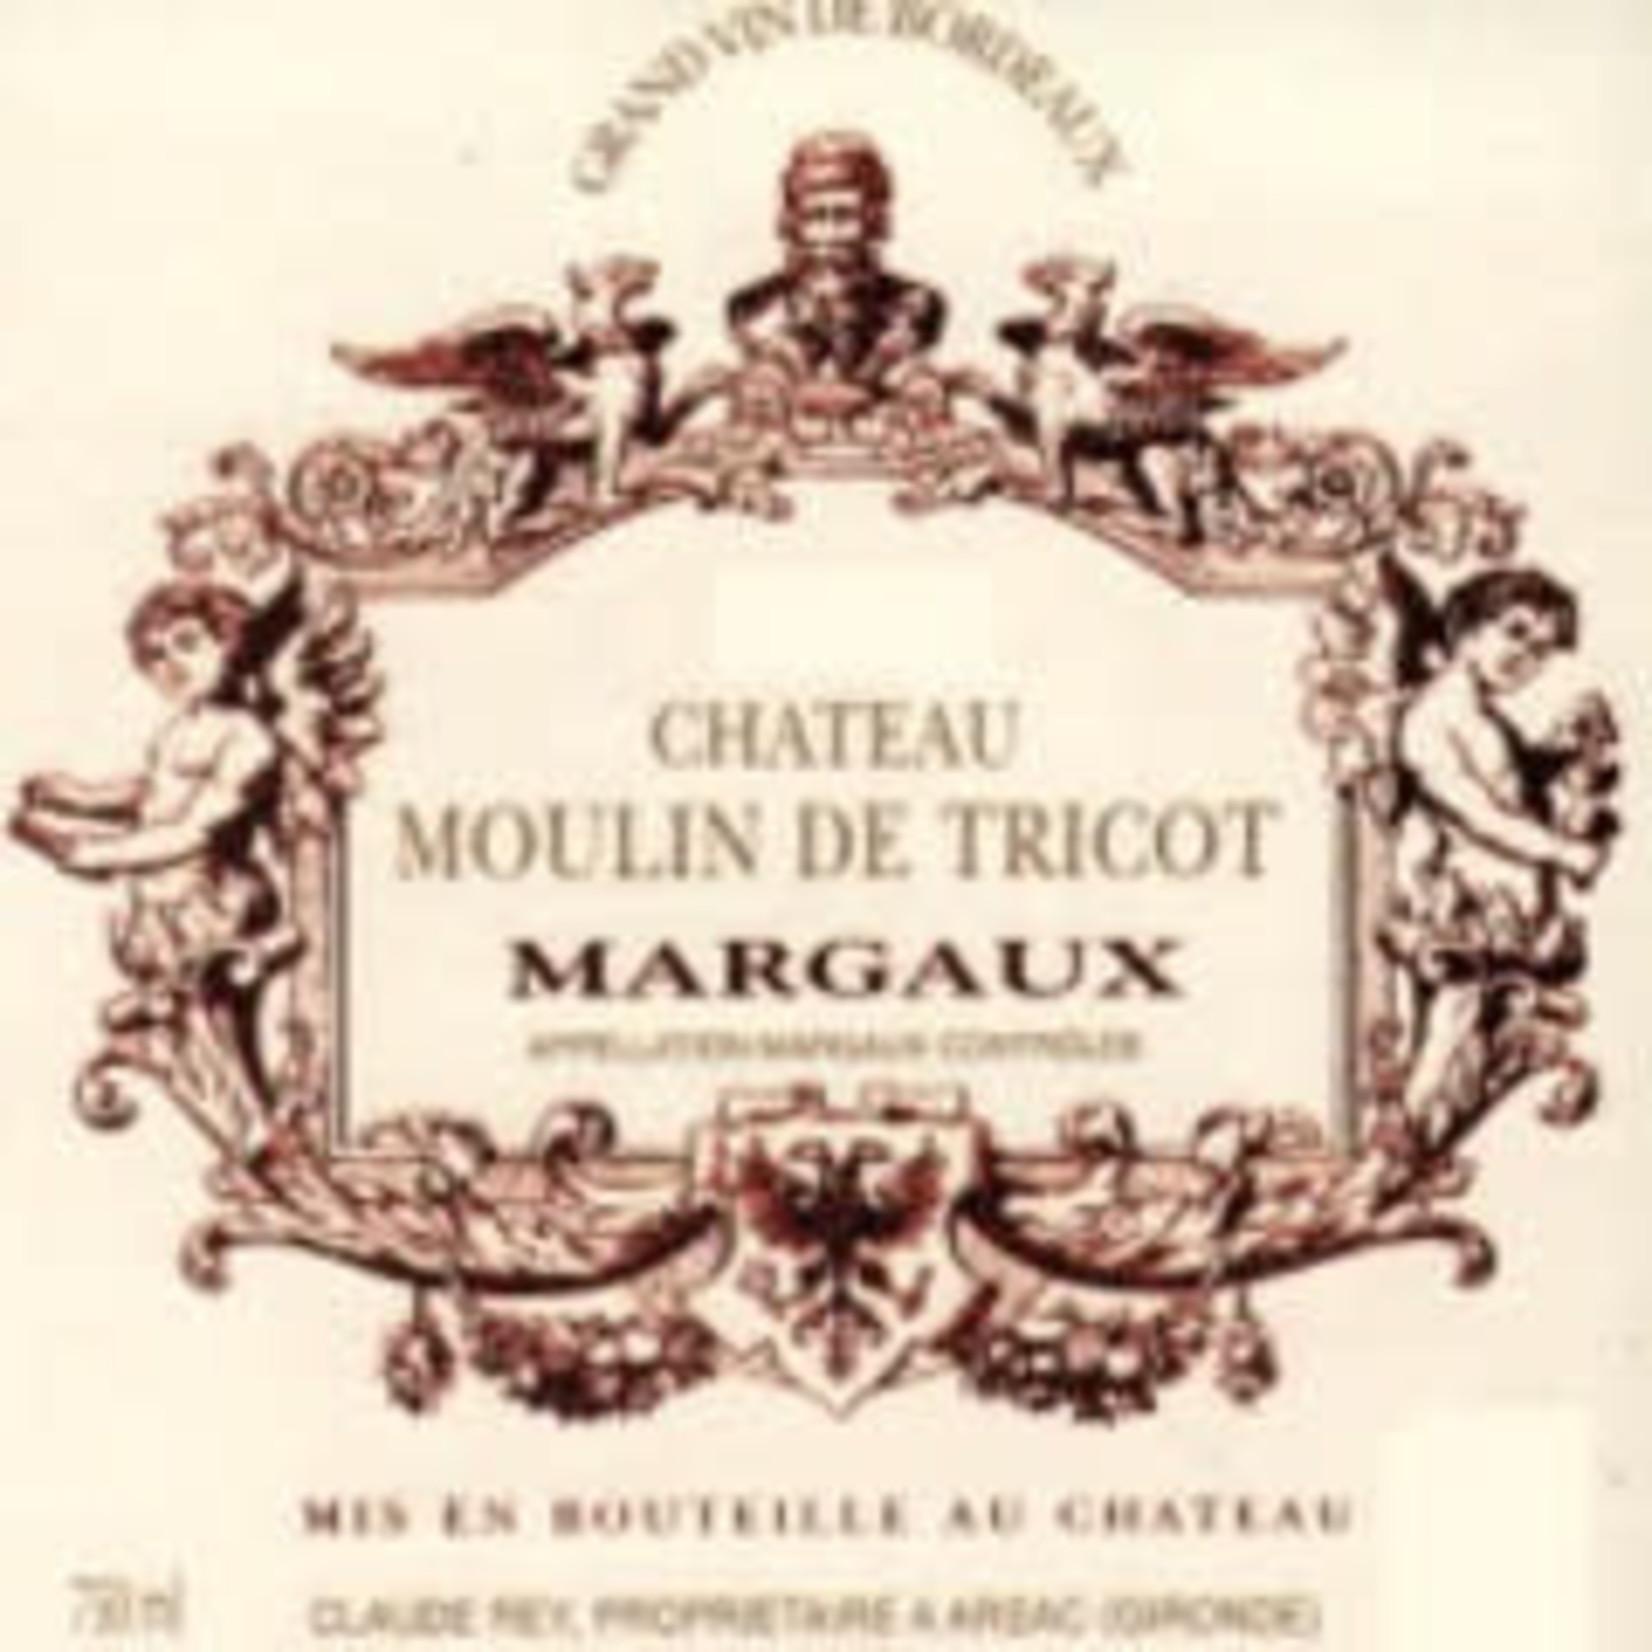 Wine Moulin de Tricot Margaux 2017